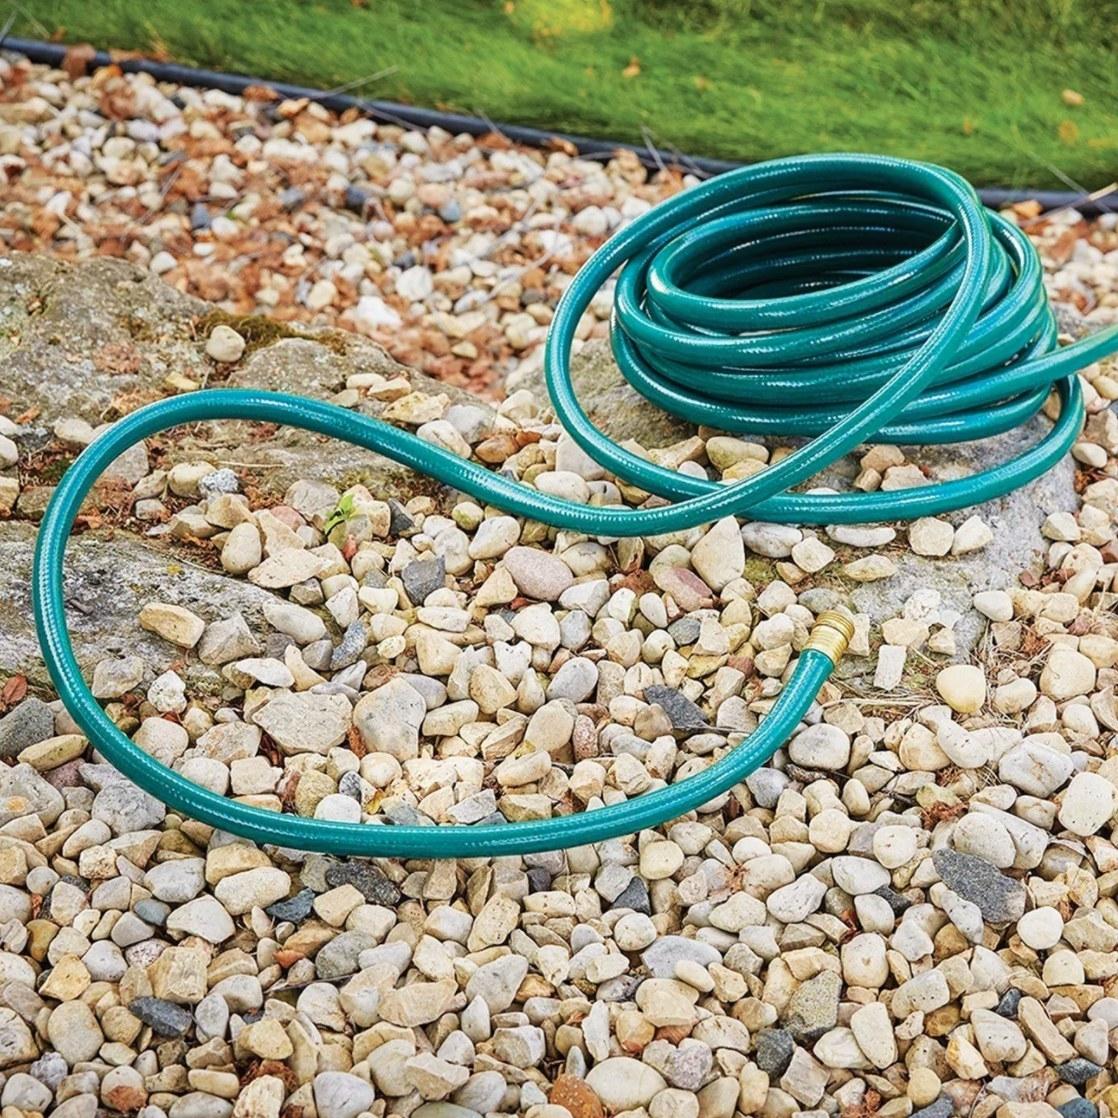 The long hose